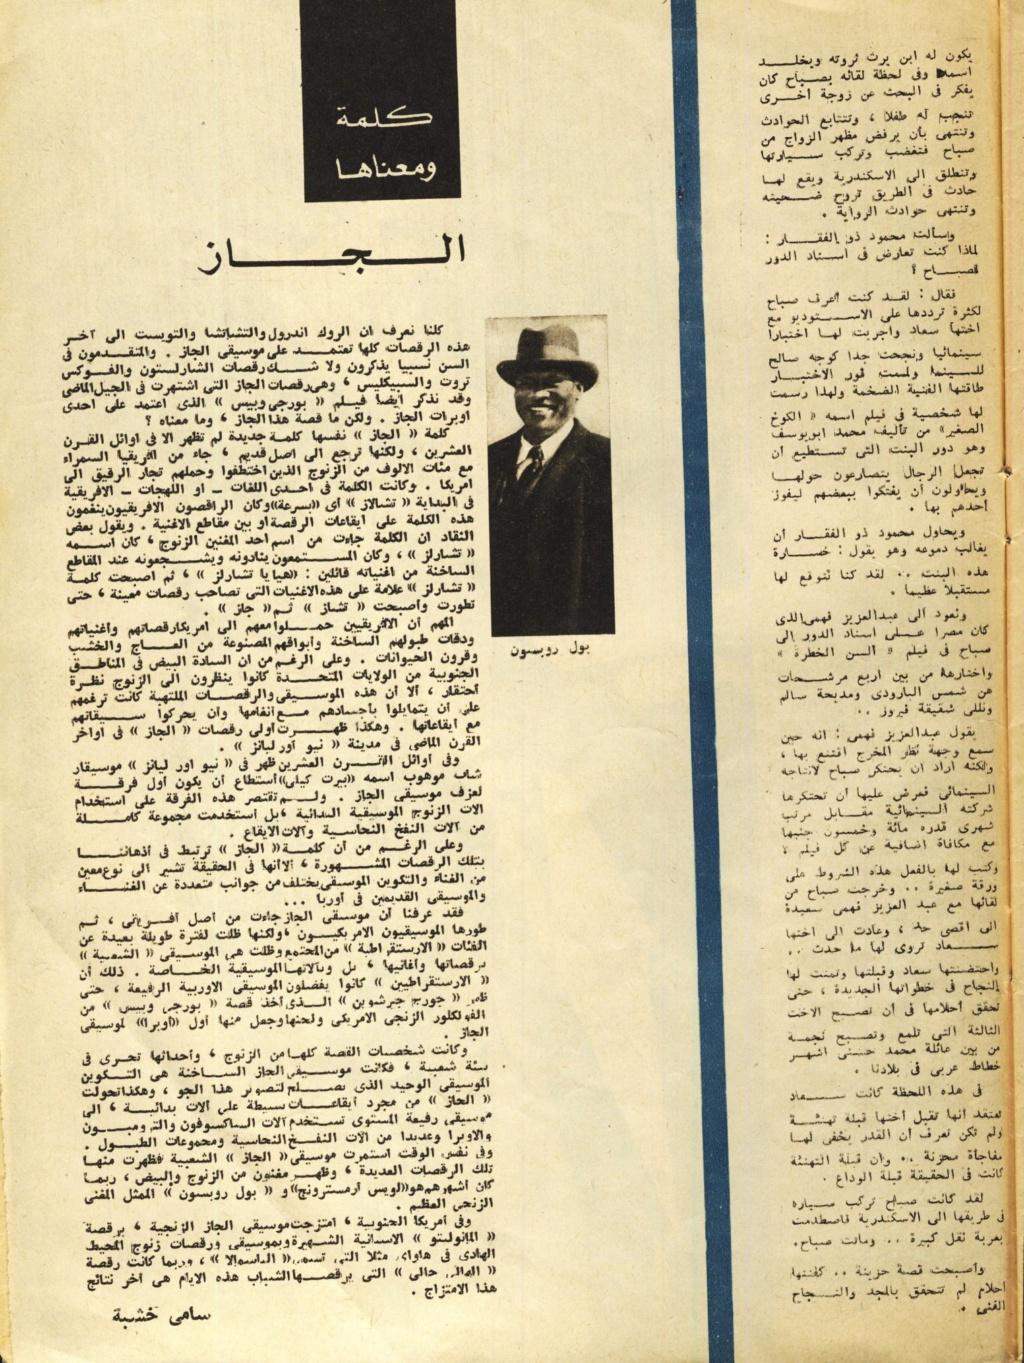 مقال صحفي : قبلة الوداع .. بين صباح وسعاد 1965 م 254